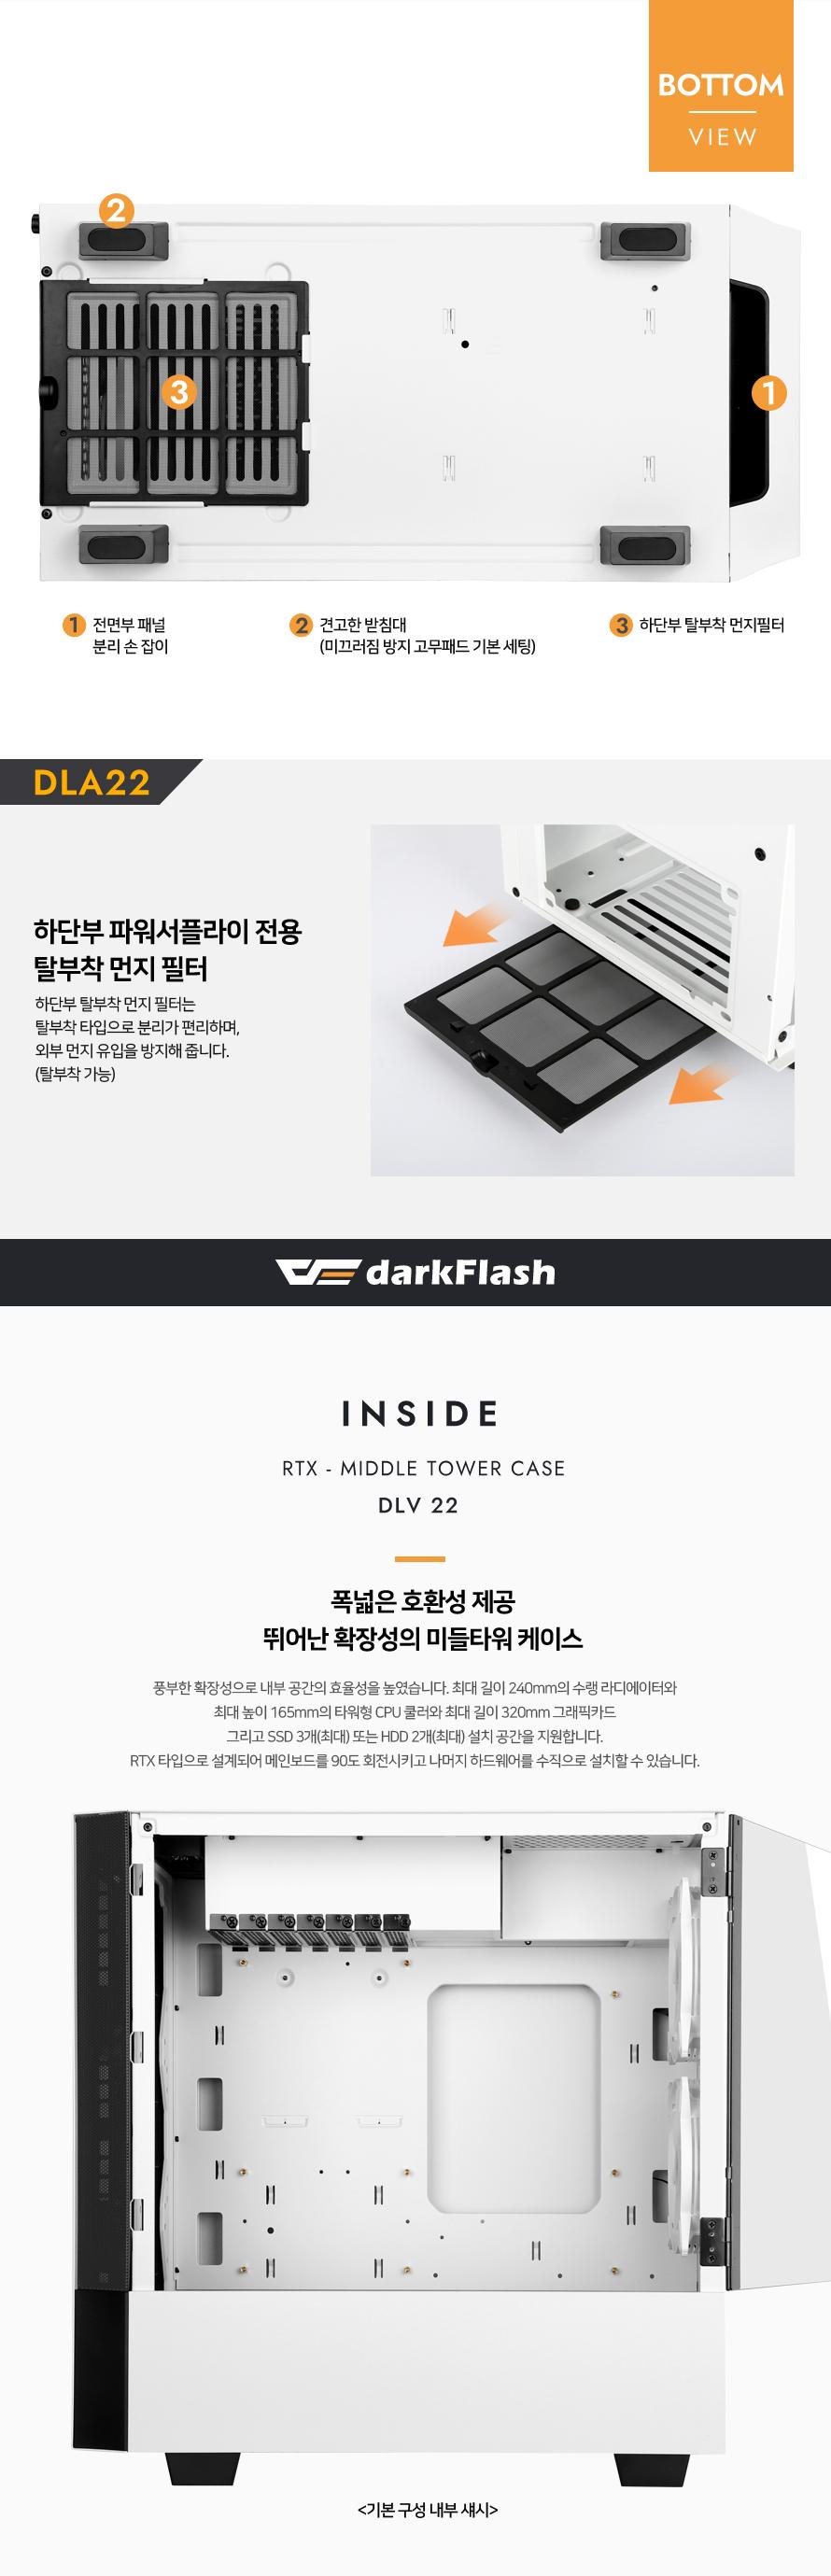 darkFlash DLV22 RGB 강화유리 (화이트)